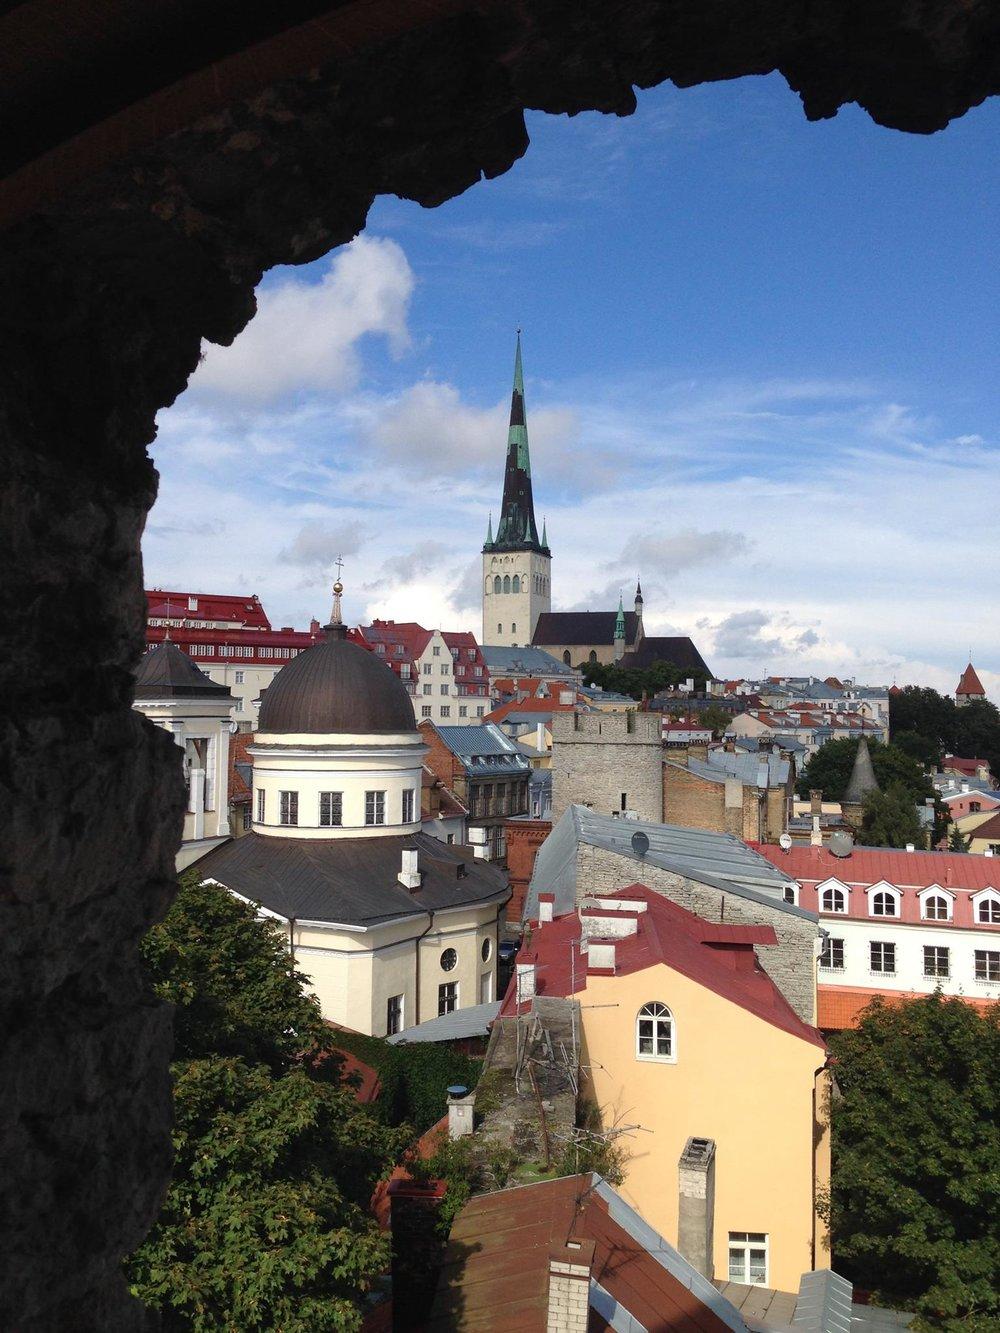 City-Walls-Tallinn-View